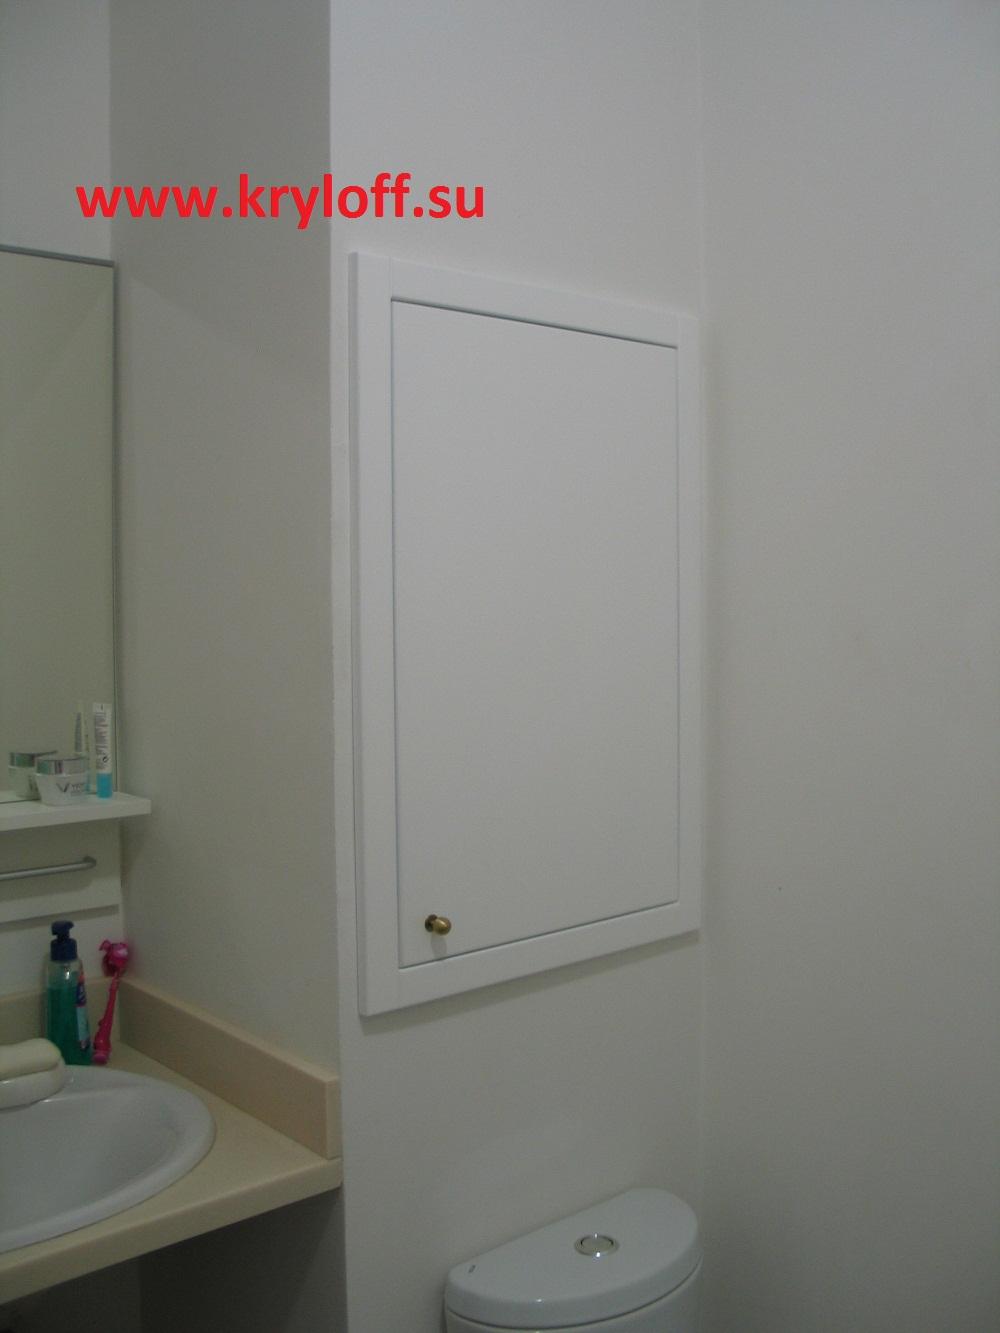 032 Дверка крашеная в ванную комнату для коллекторного шкафа с полкой внутри